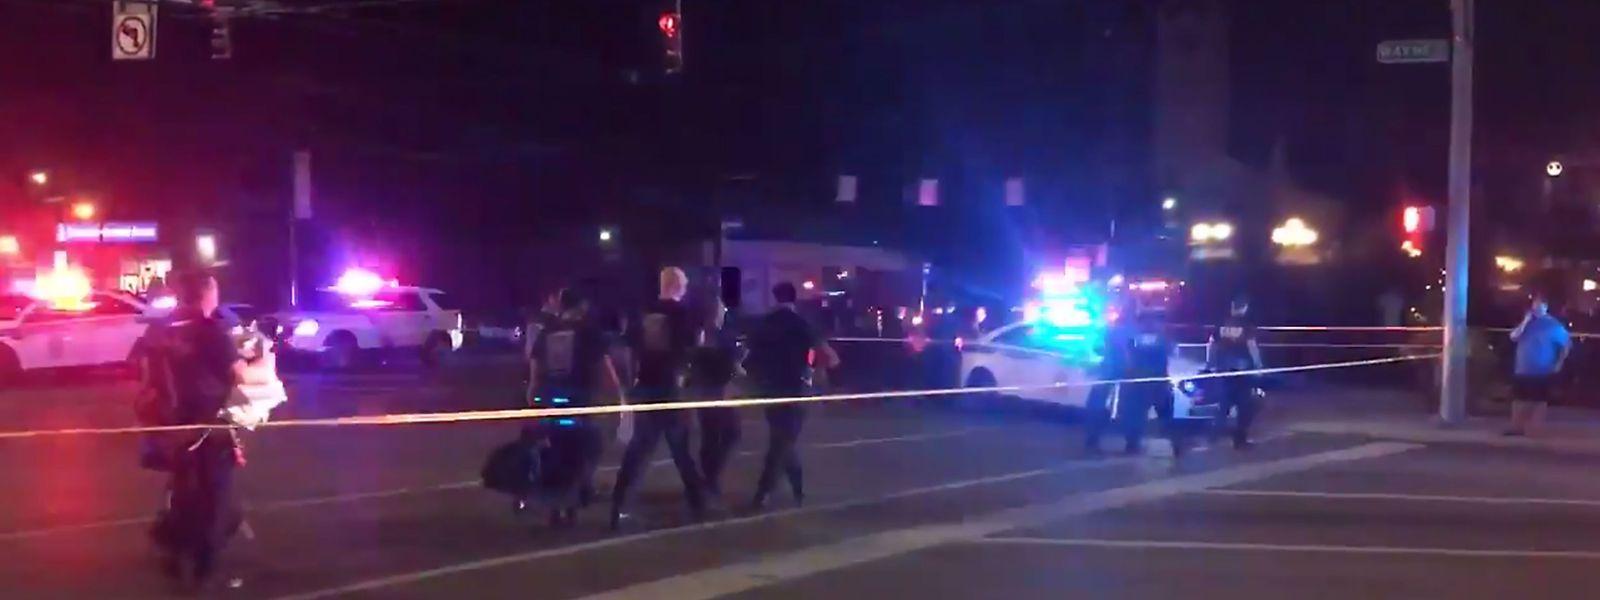 Medienberichten zufolge fielen die Schüsse nahe einer Bar im Oregon District im Zentrum der Stadt.